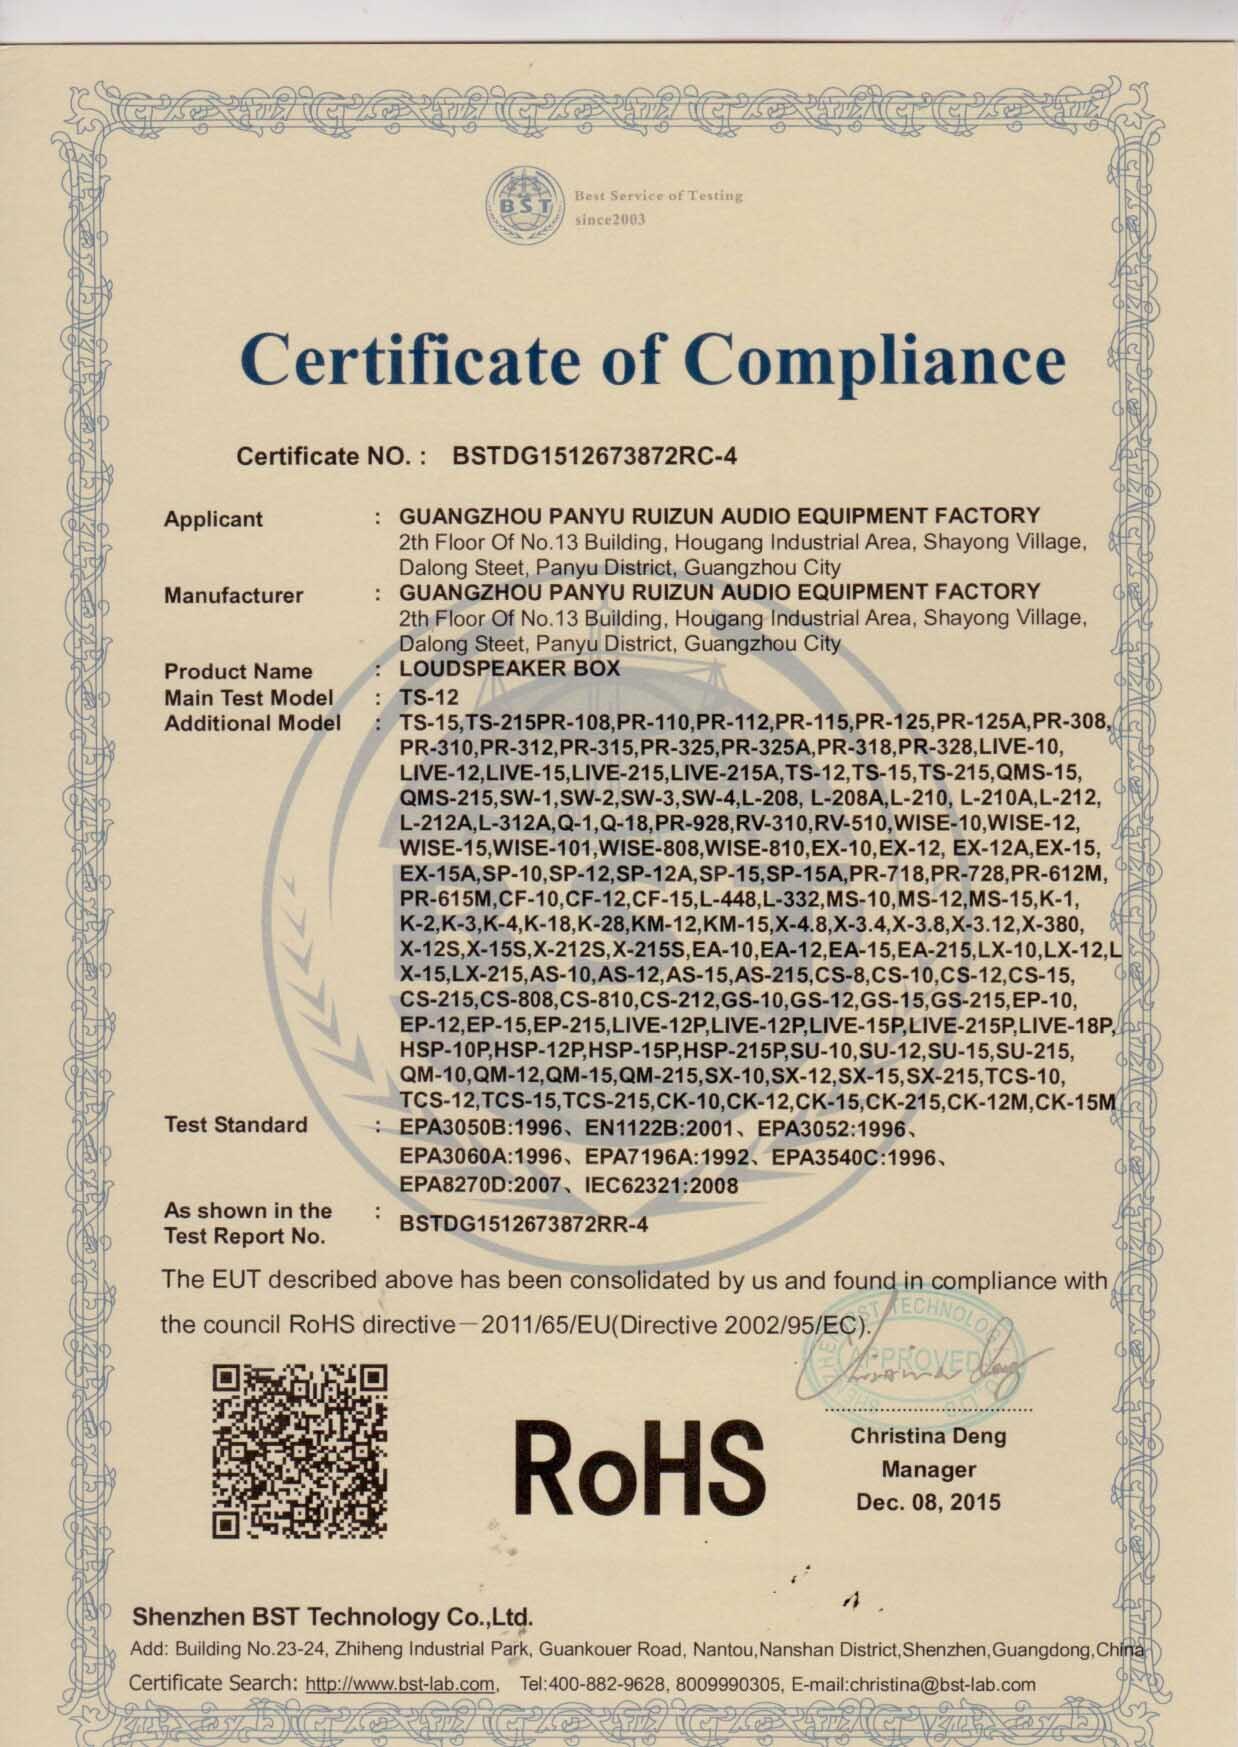 Roshs certificate